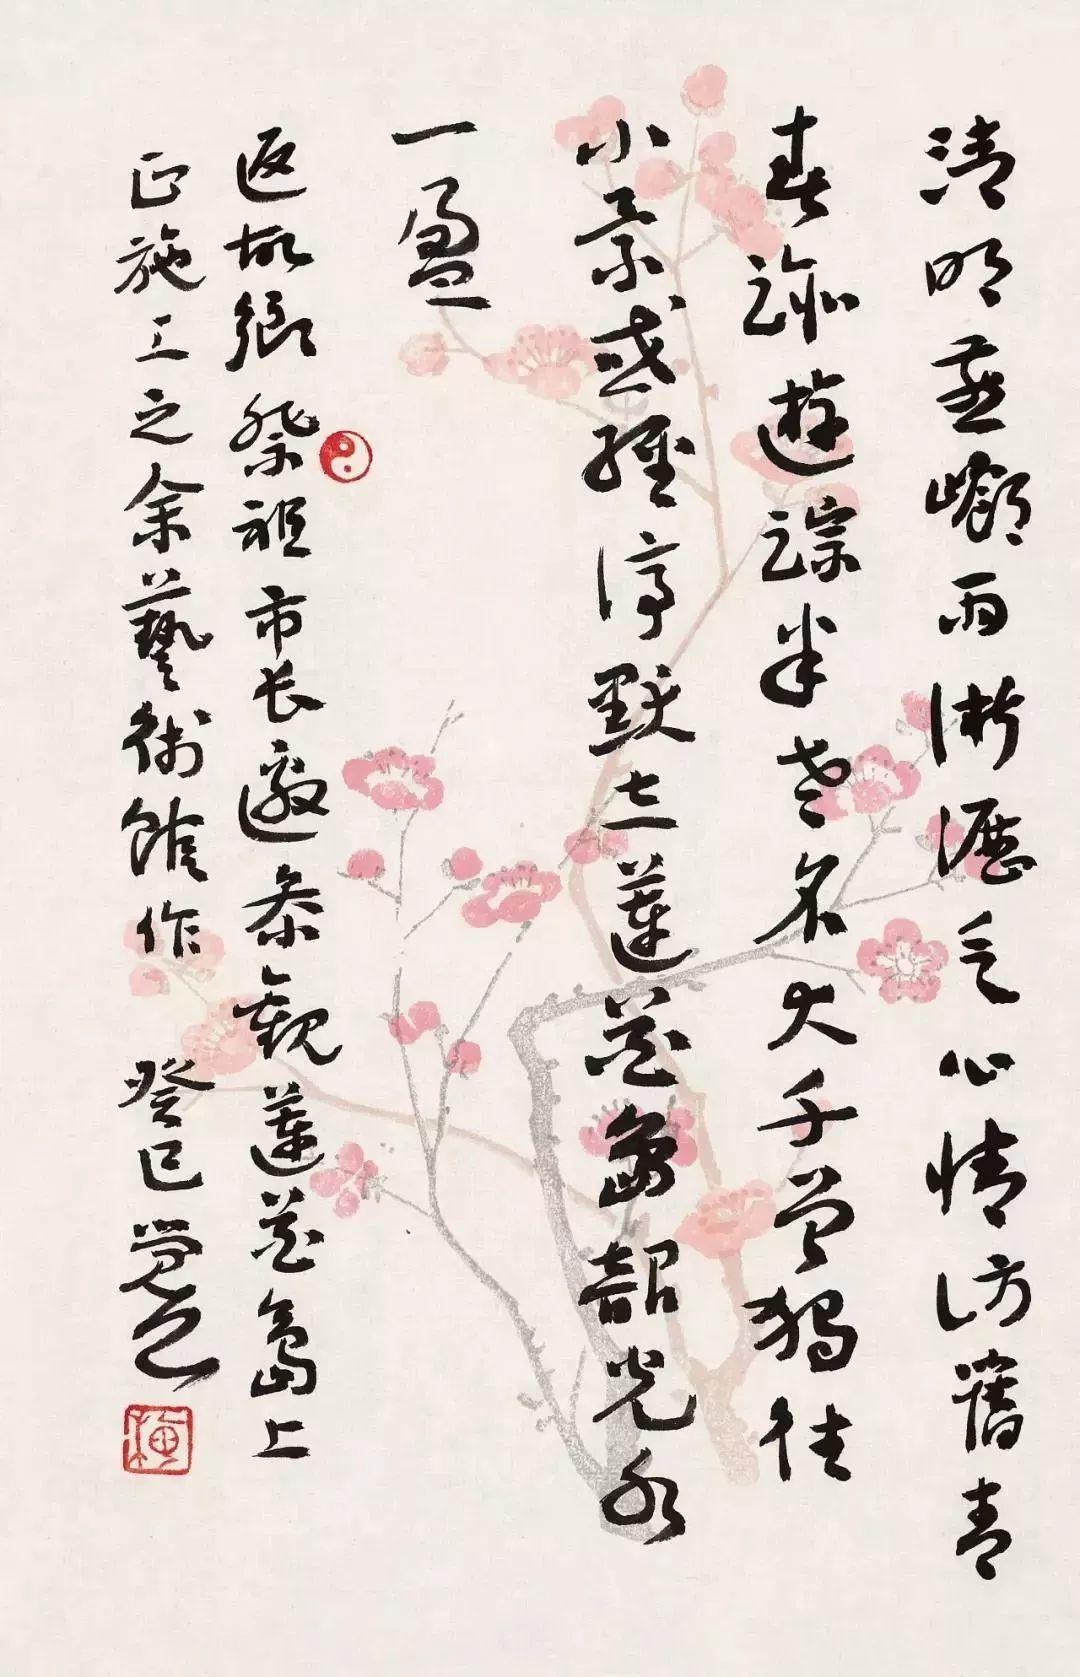 梅墨生写在人生最后的话:人生有似莫名雨